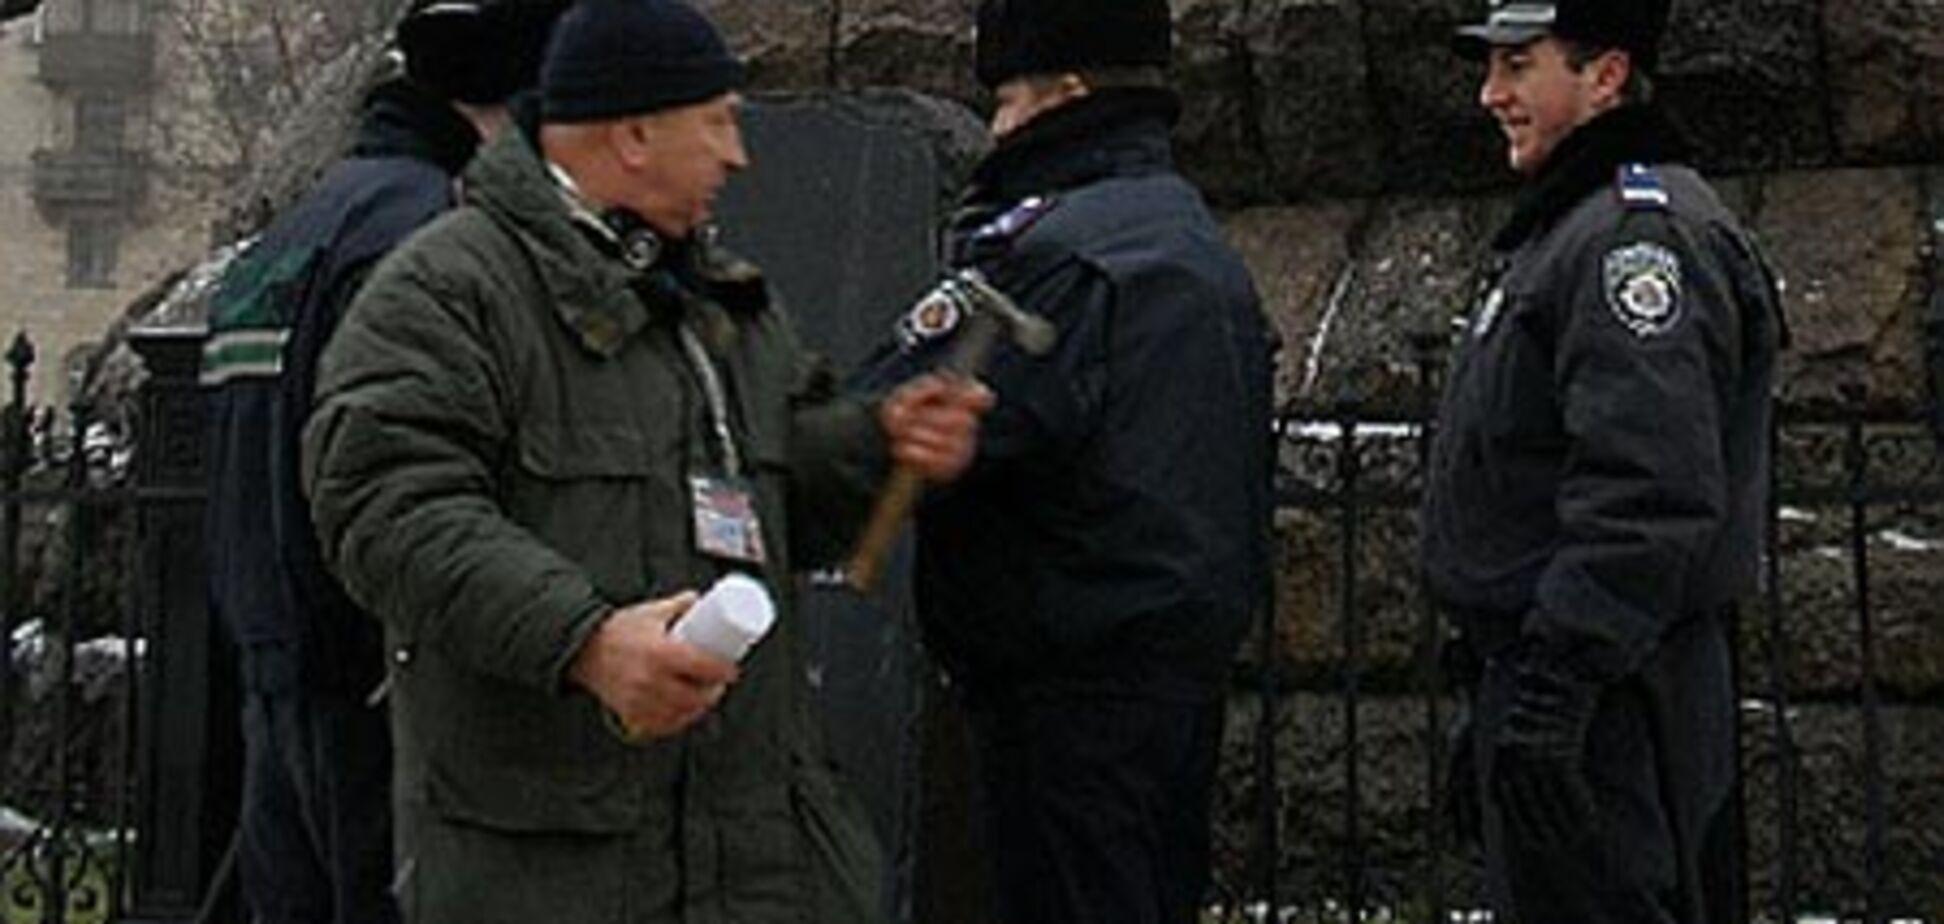 Пам'ятник 'гетьману Ющенку' врятували від людини з льодорубом